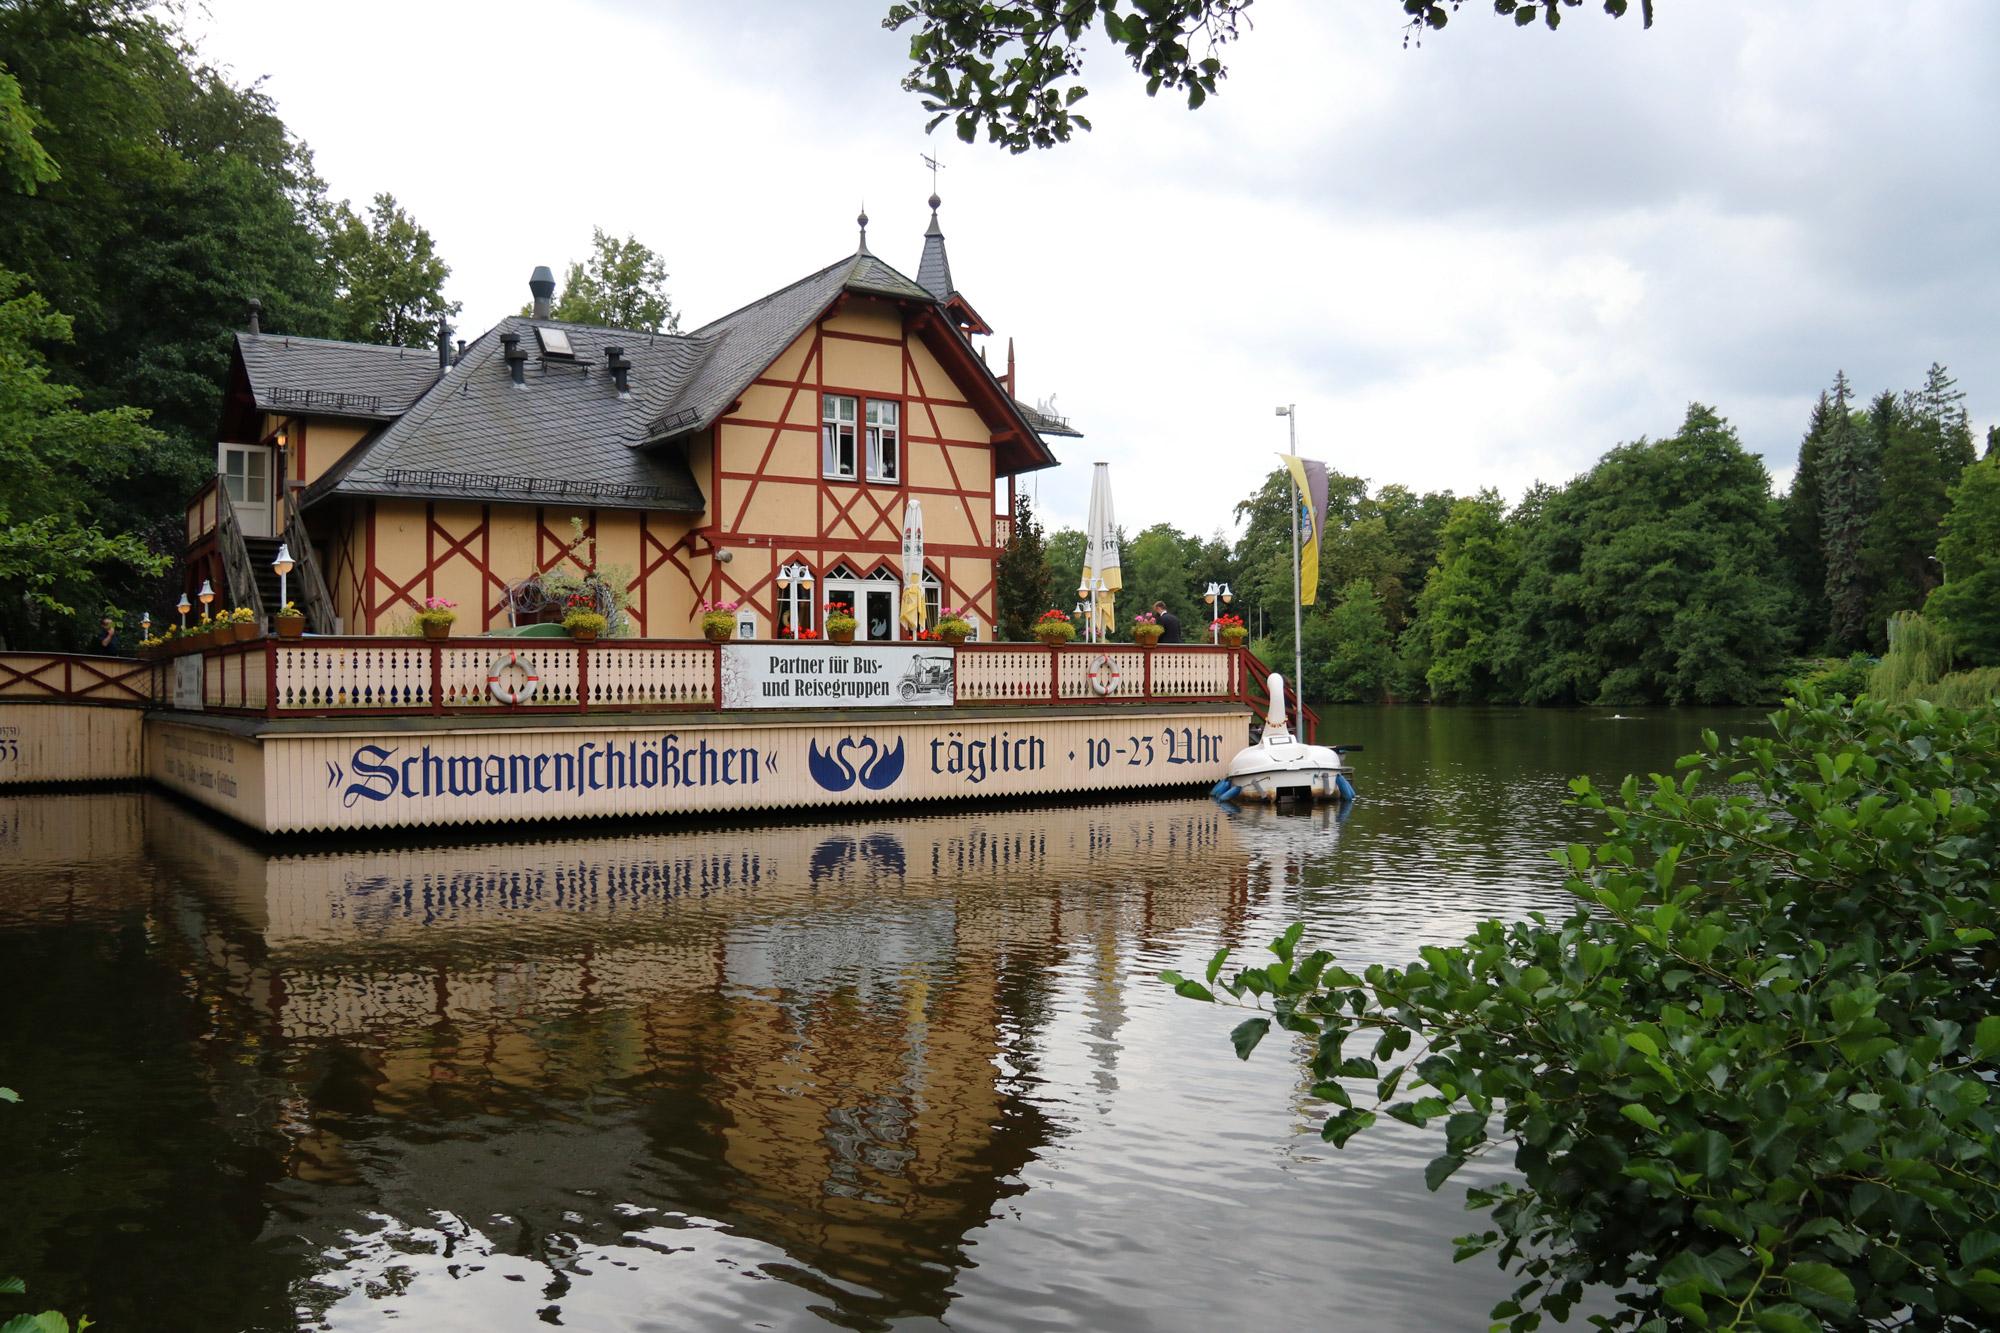 Freiberg, de zilverstad in Saksen - Schwanenschlösschen